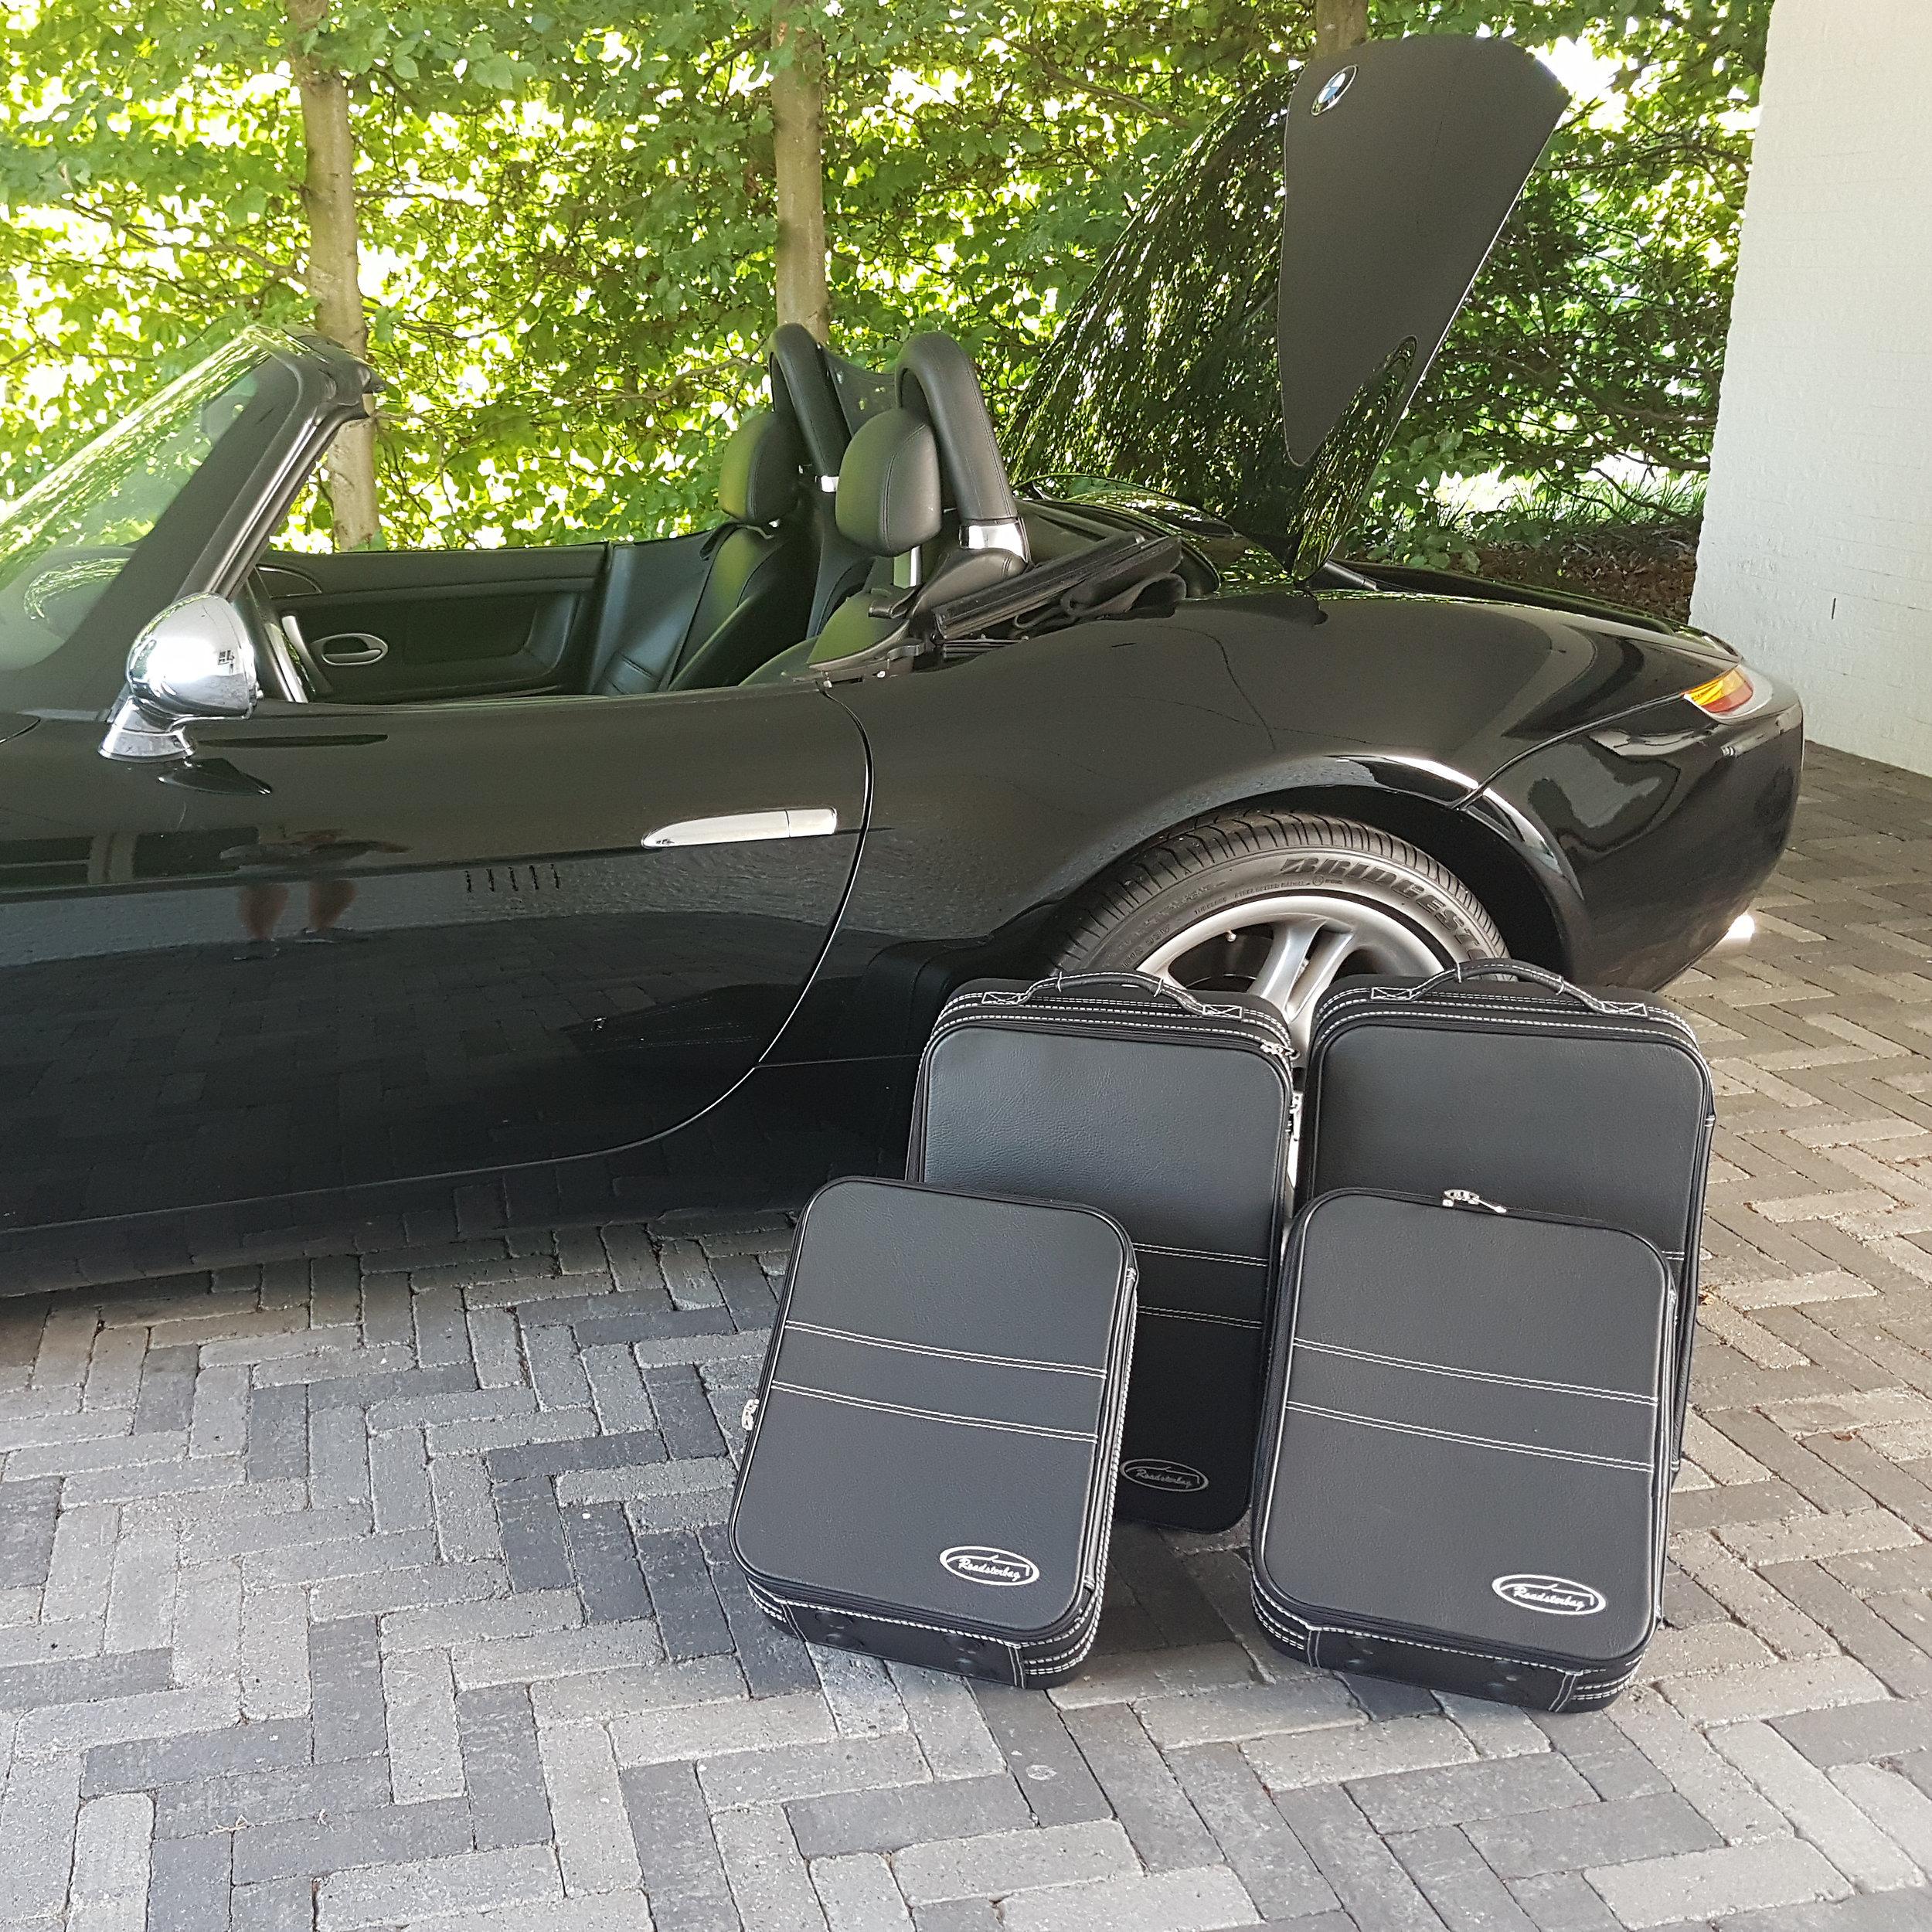 4-tlg. Kofferset BMW Z8 129 Liter